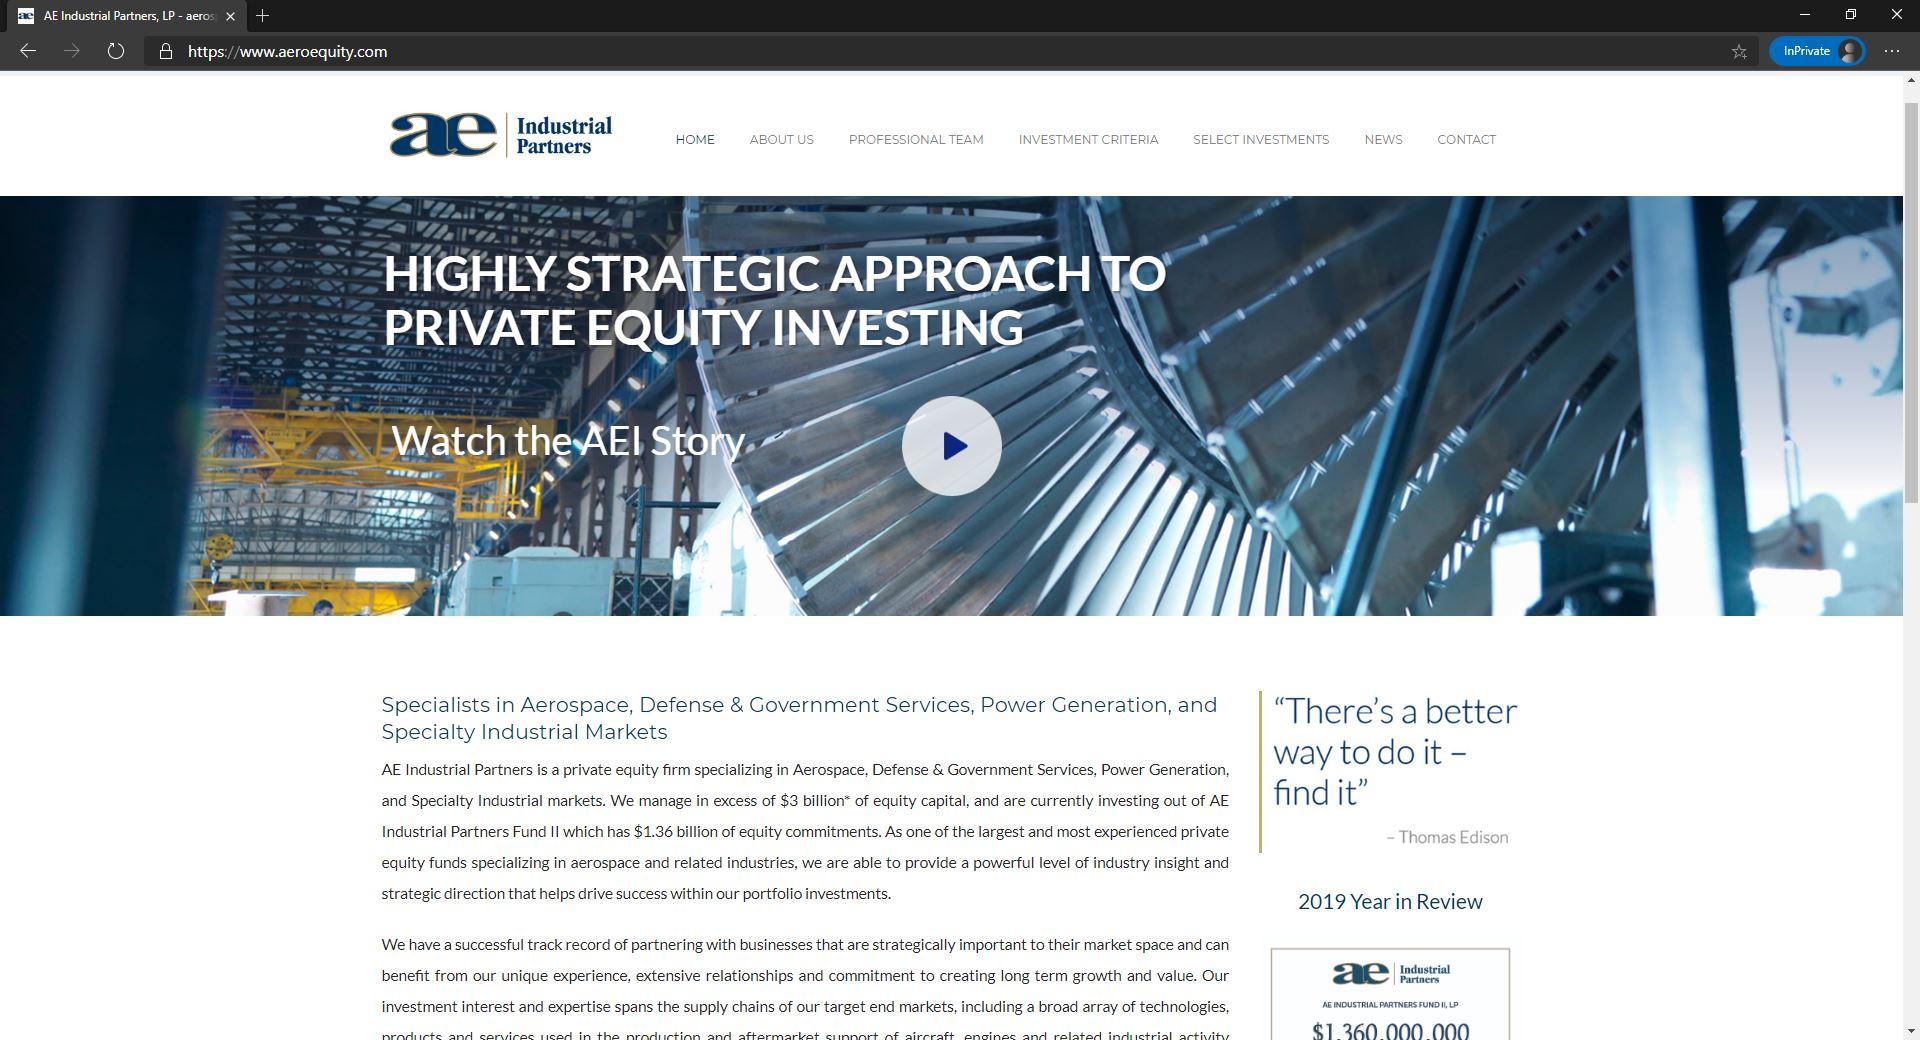 AE Industrial Partners website